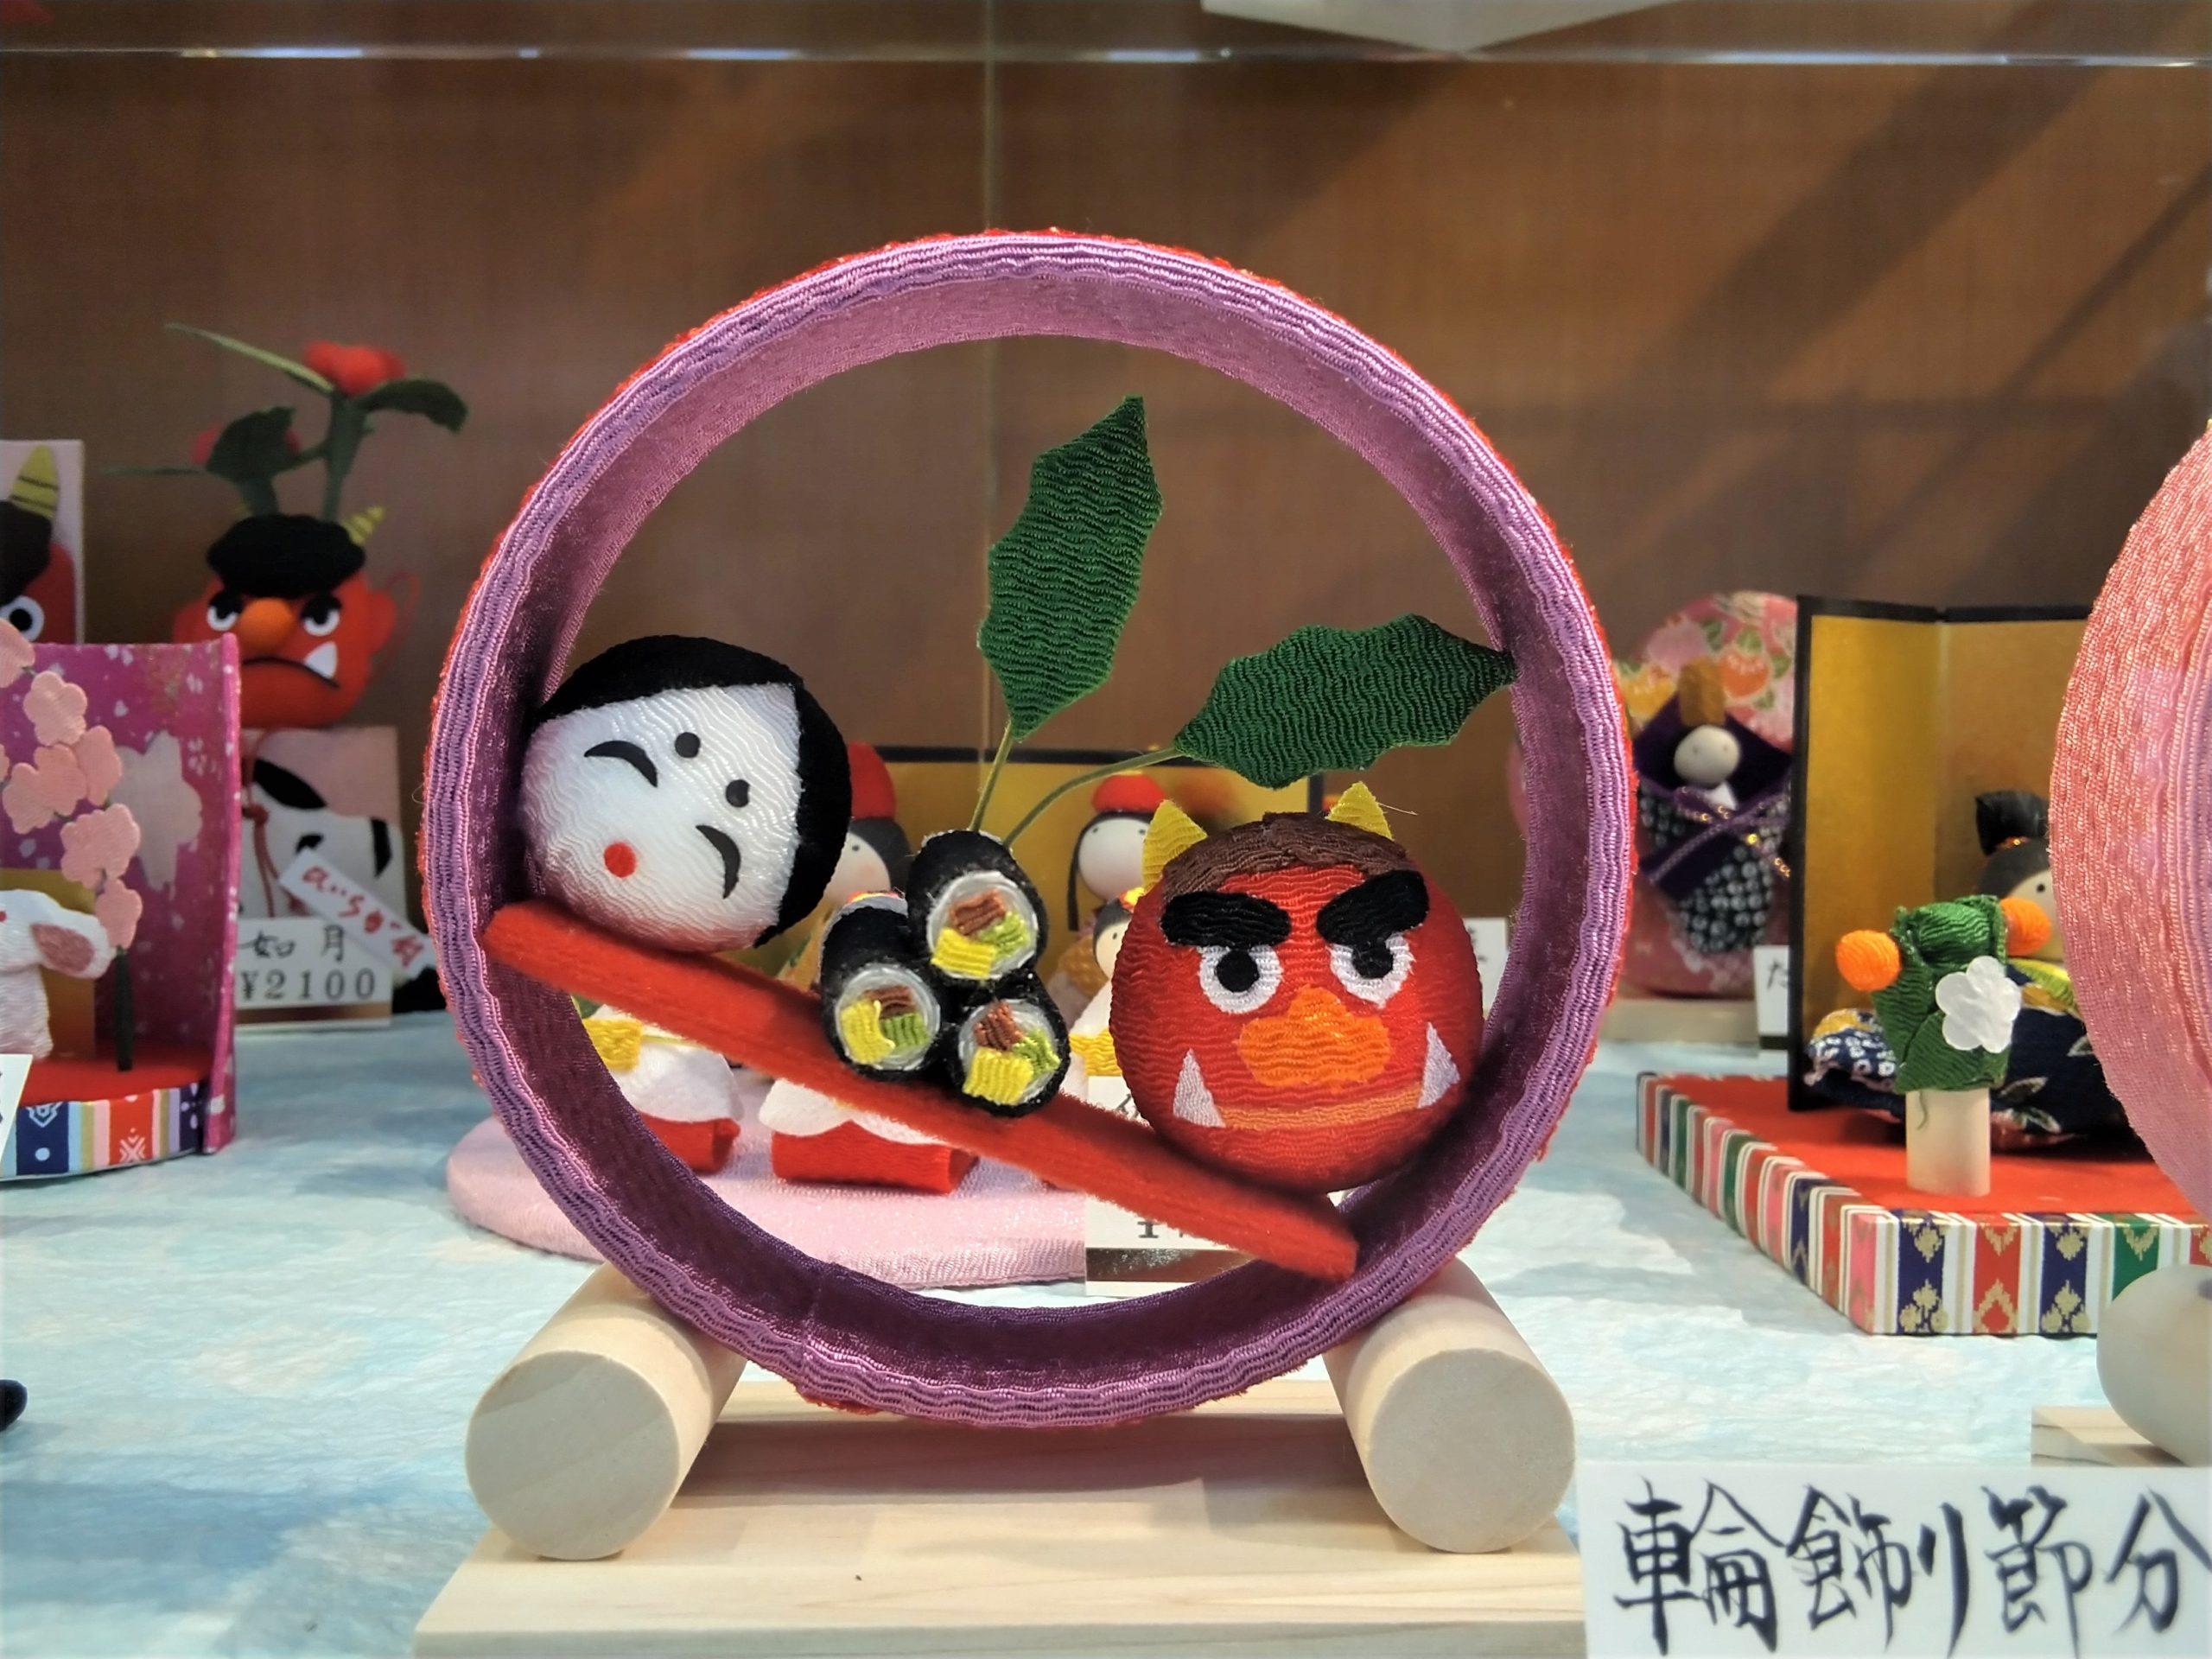 日本の伝統文化のひとつ、ちりめん細工の小物が勢揃いしています